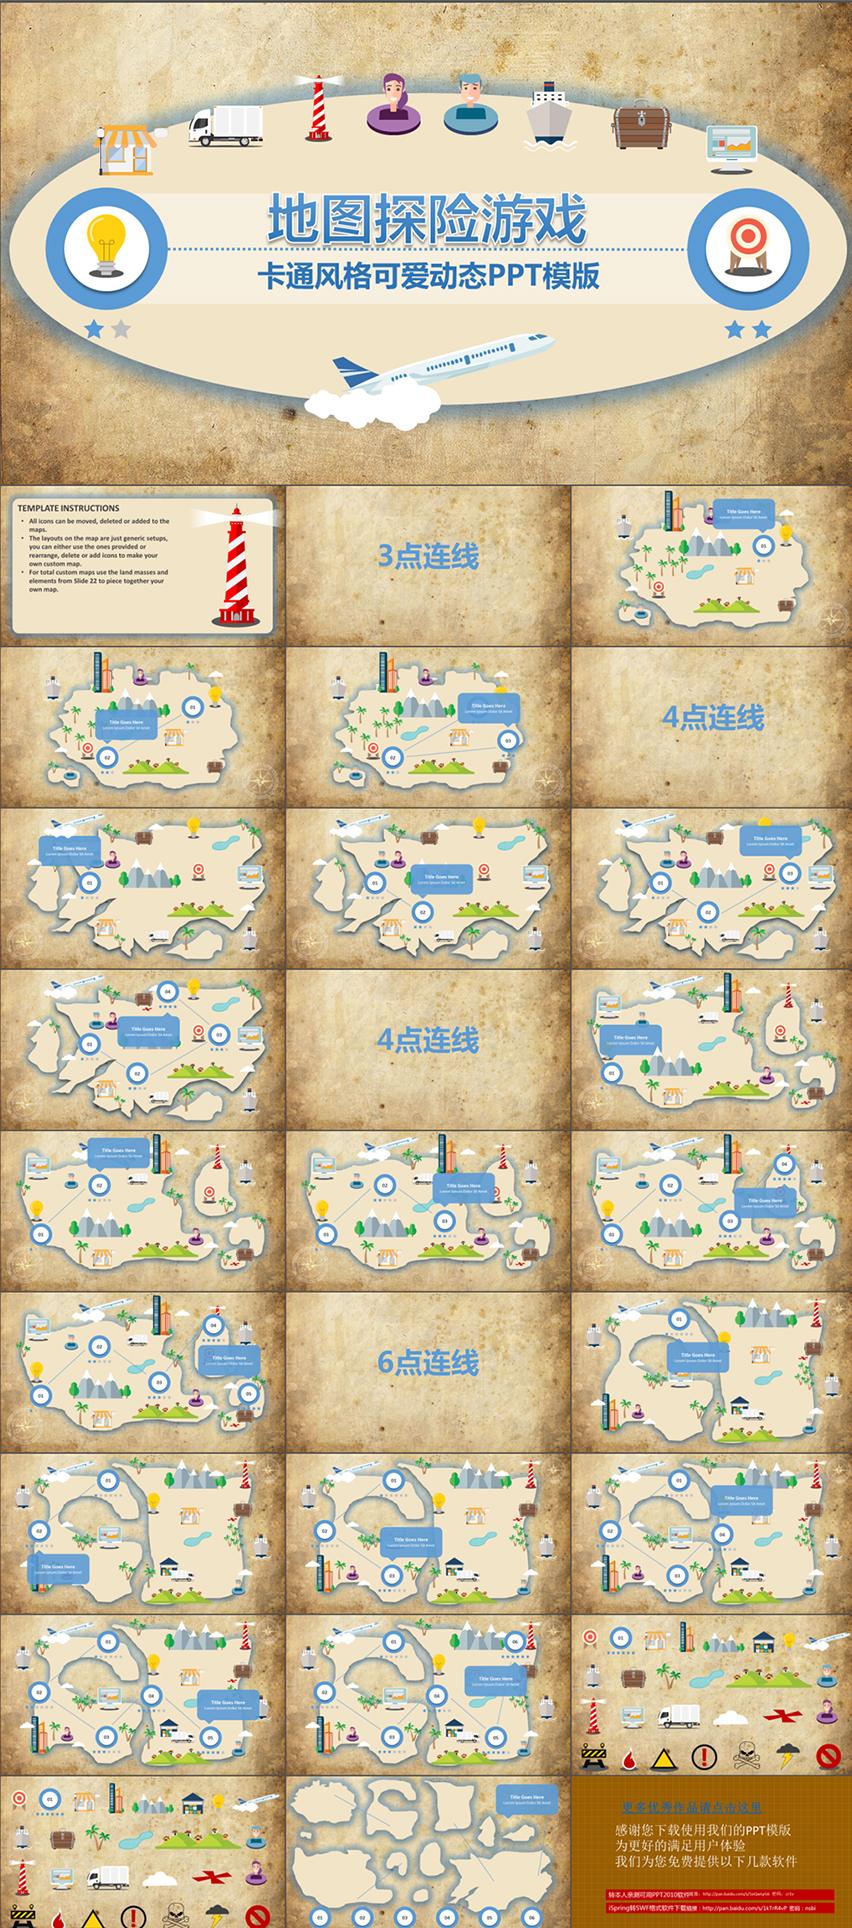 """ppt模板卡通风格可爱儿童探险游戏地图动态PPT模版"""""""